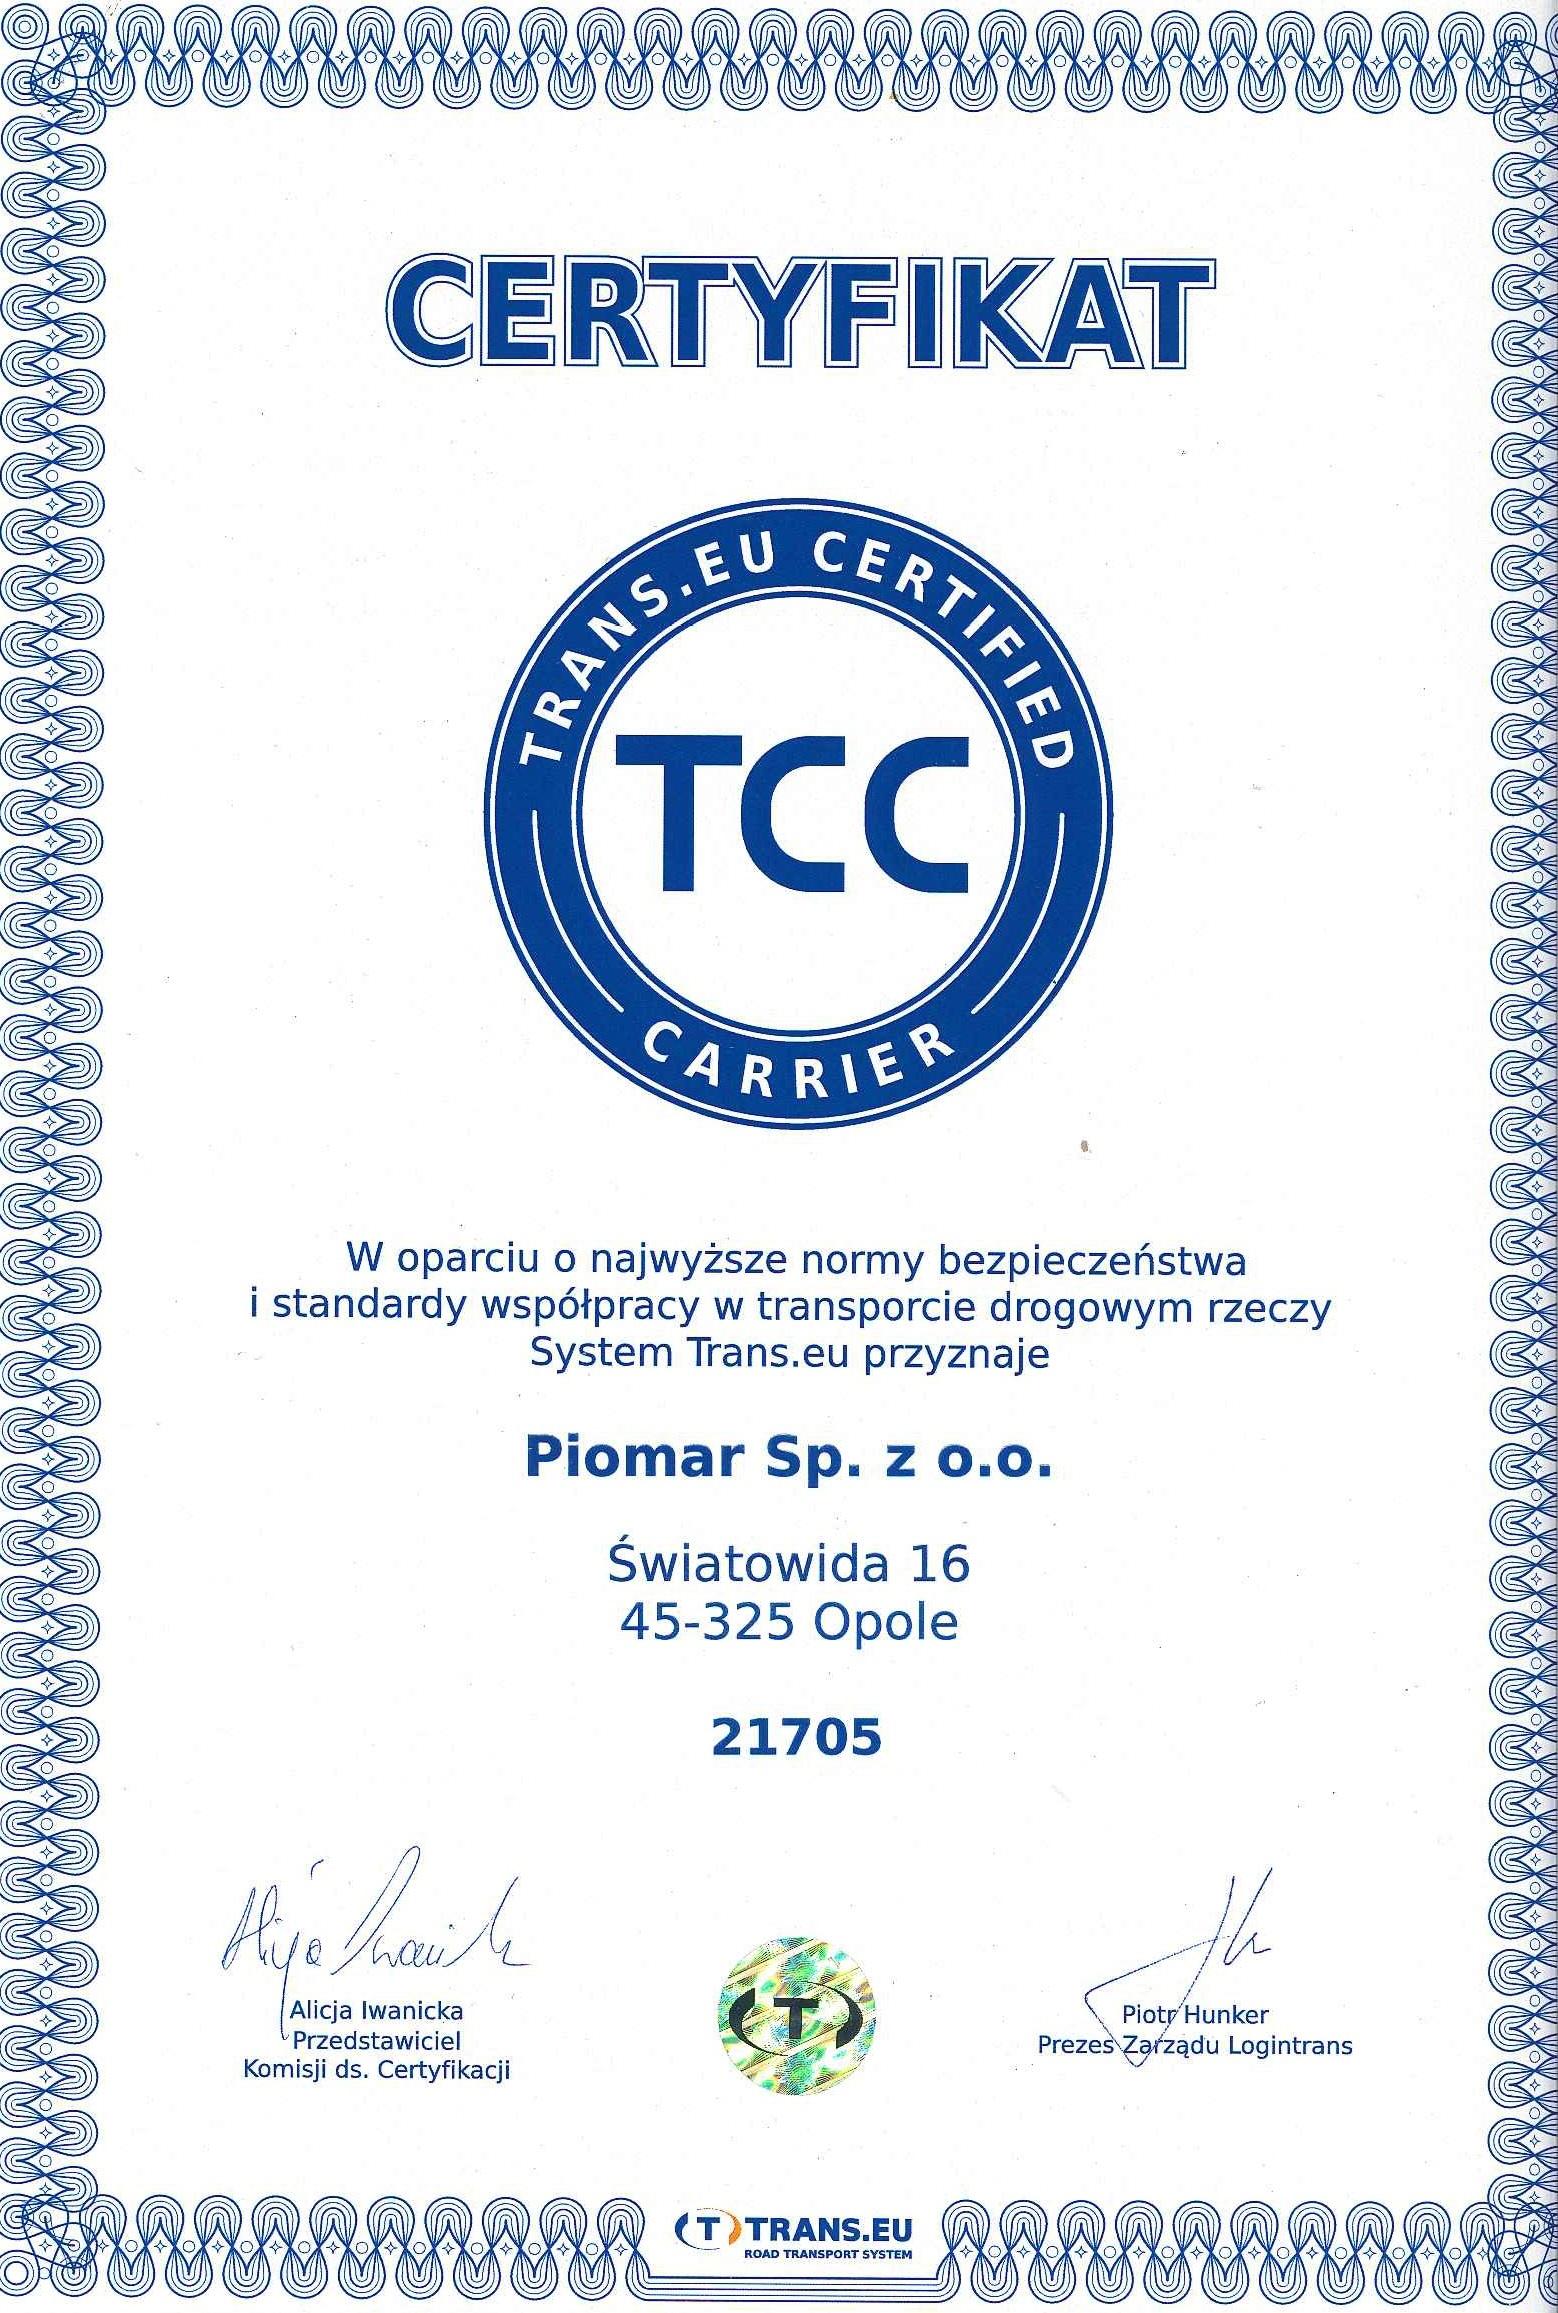 Certyfikat TCC